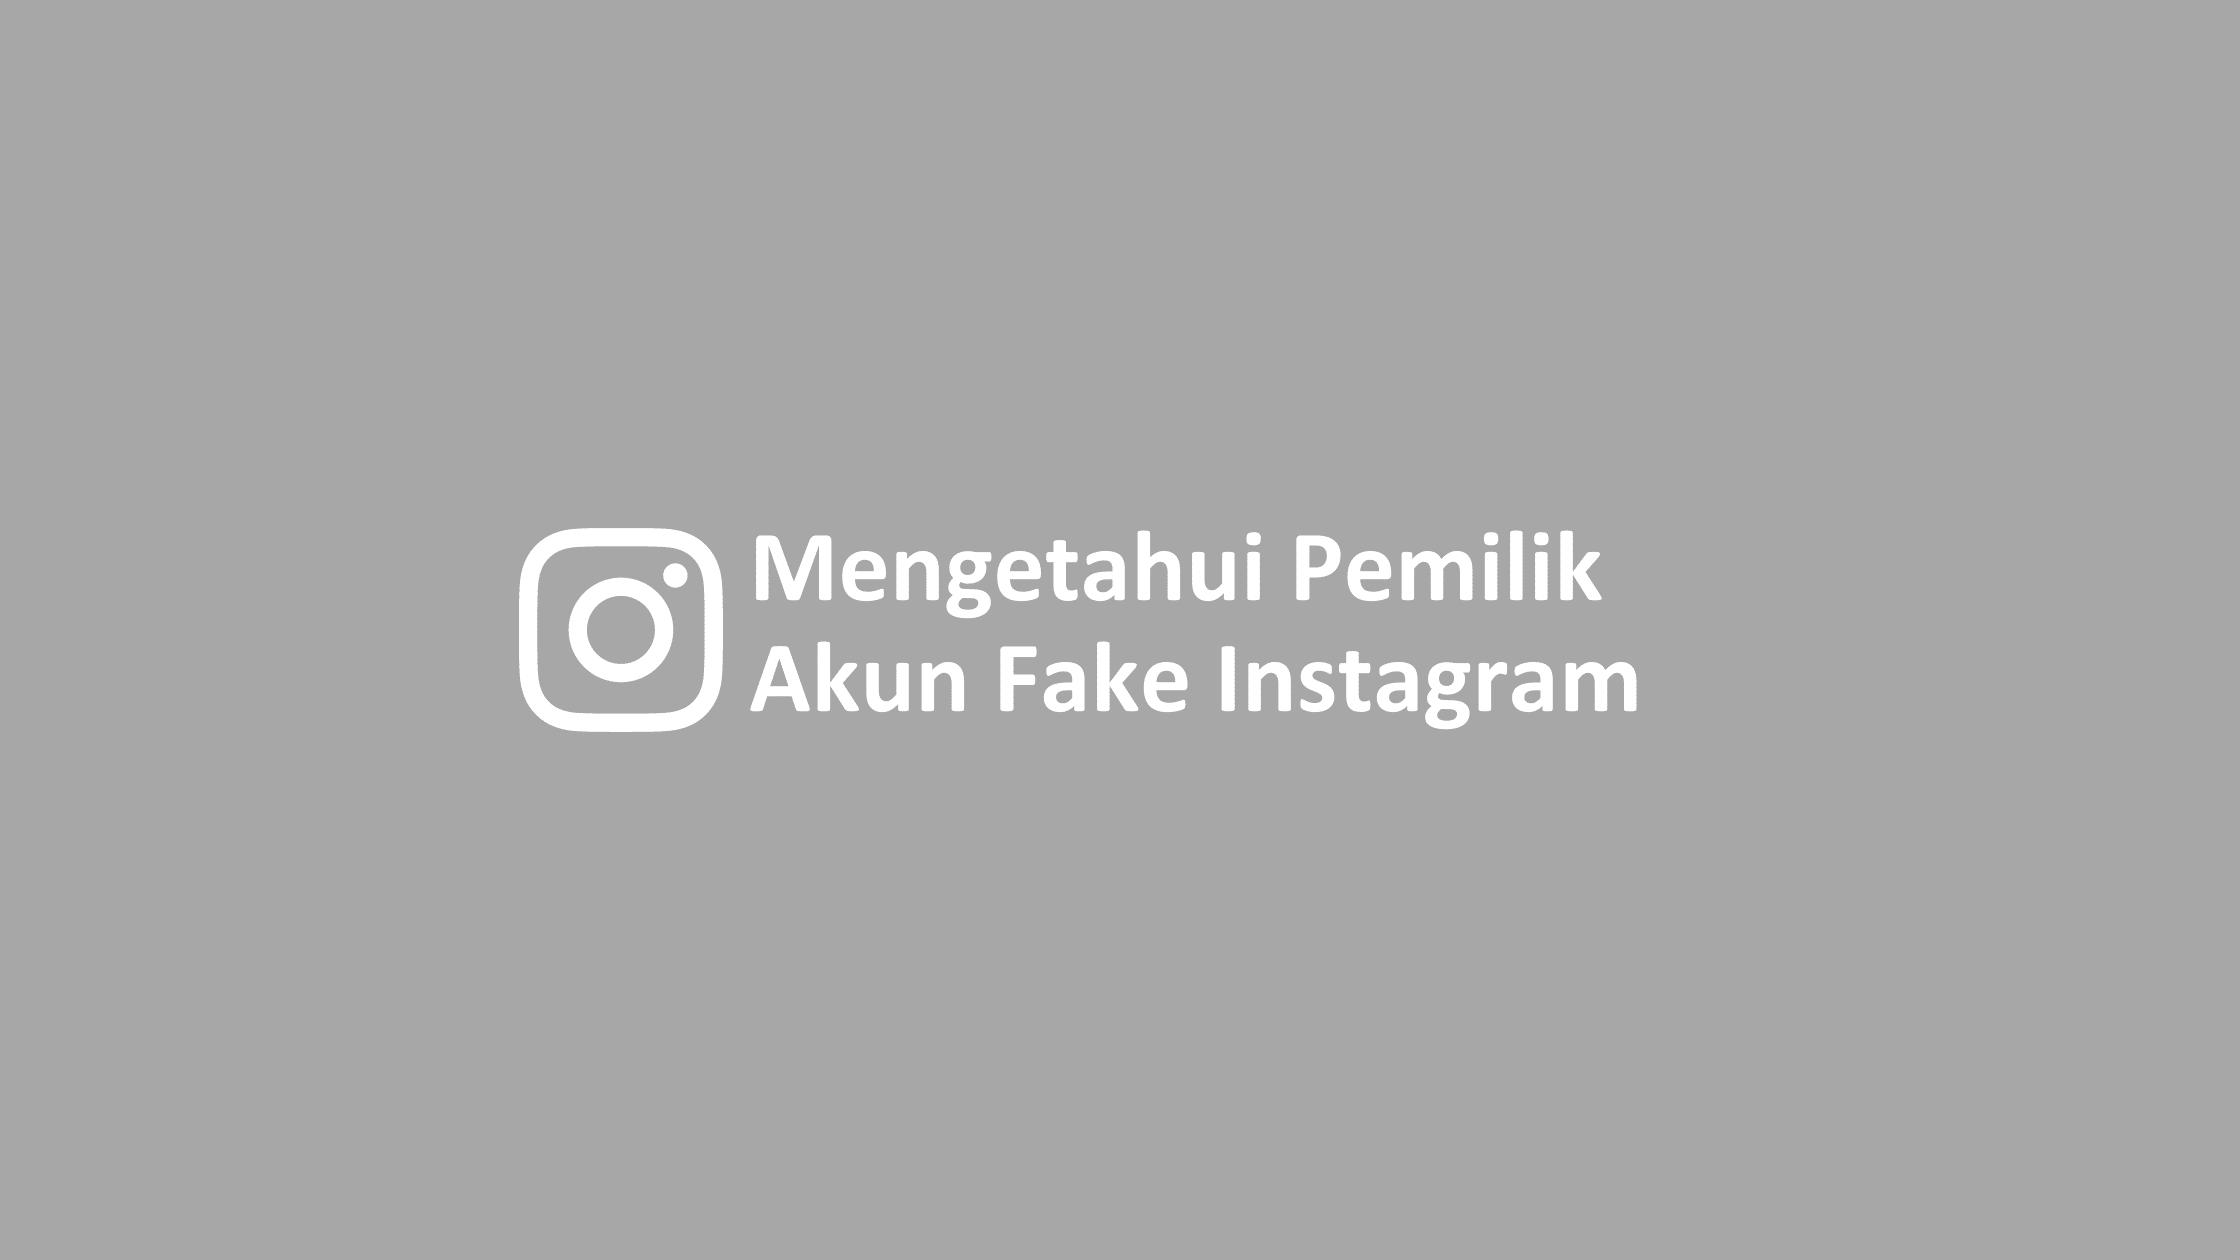 cara mengetahui pemilik akun fake instagram